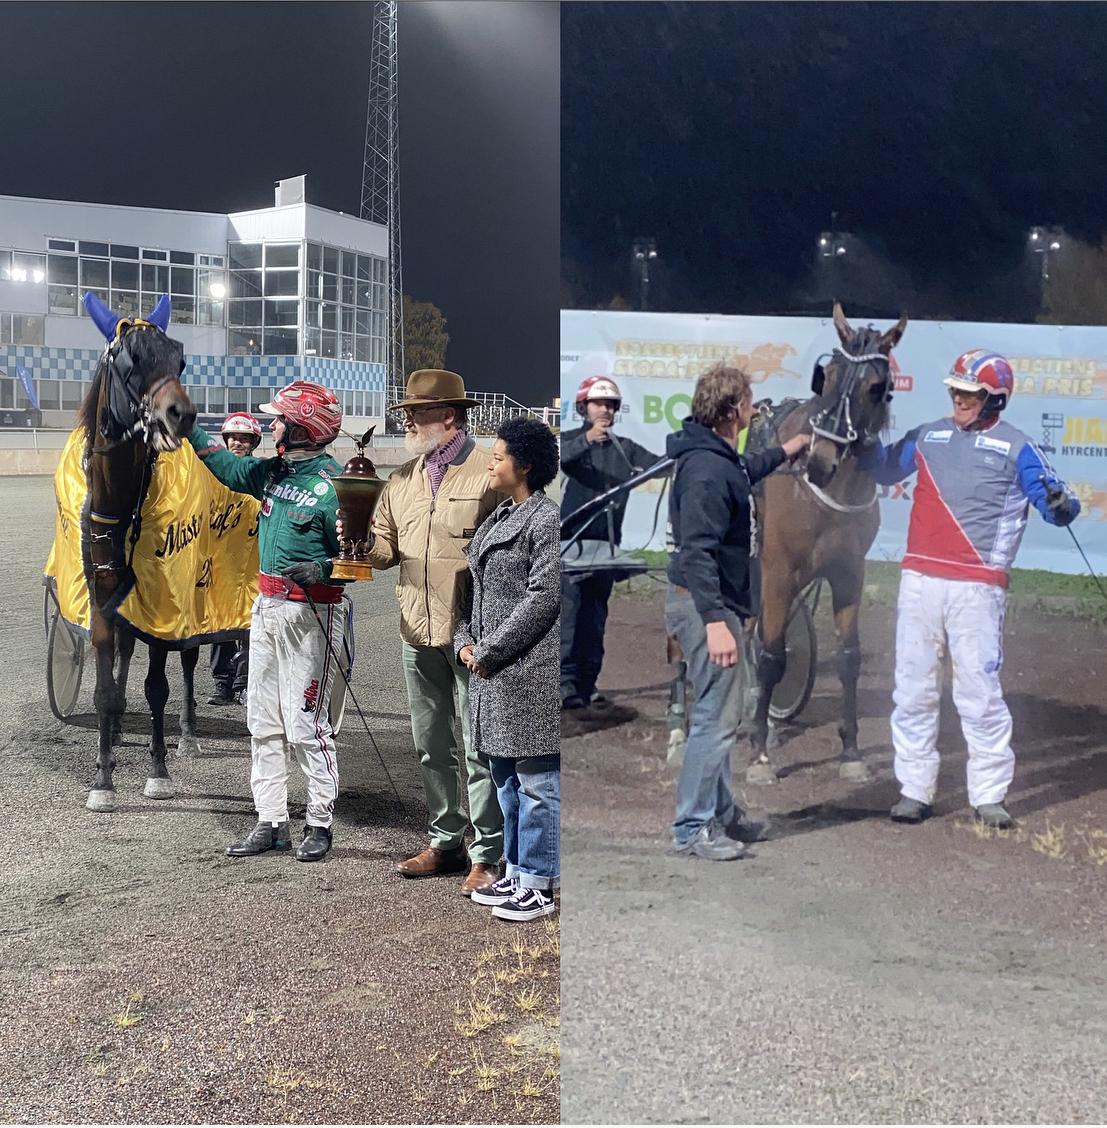 Finskt i Mäster Gustafs Pokal – Treåringsfinalen till Roger!